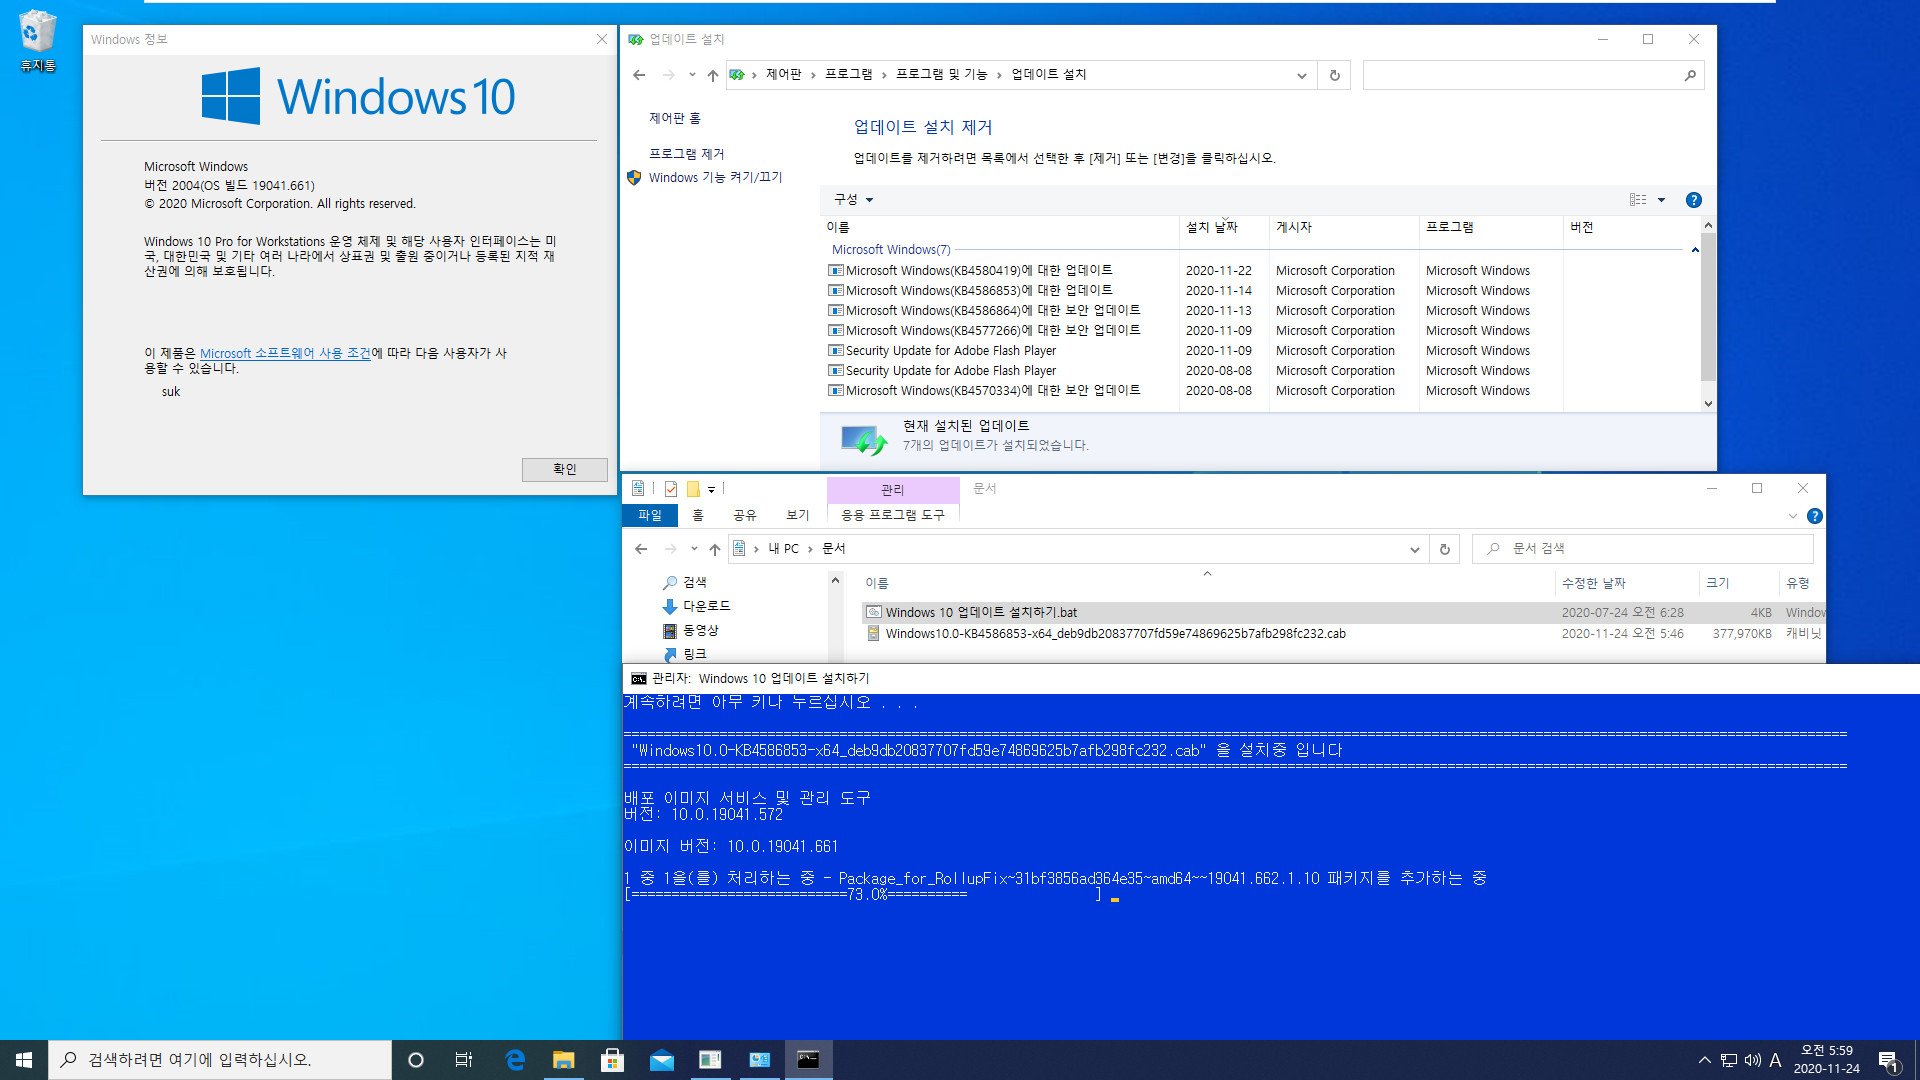 2020-11-24 화요일 [프리뷰 유출] Windows 10 버전 2004 + 버전 20H2 누적 업데이트 KB4586853 (OS 빌드 19041.662 + 19042.662) - vmware에 설치 테스트 2020-11-24_055858.jpg